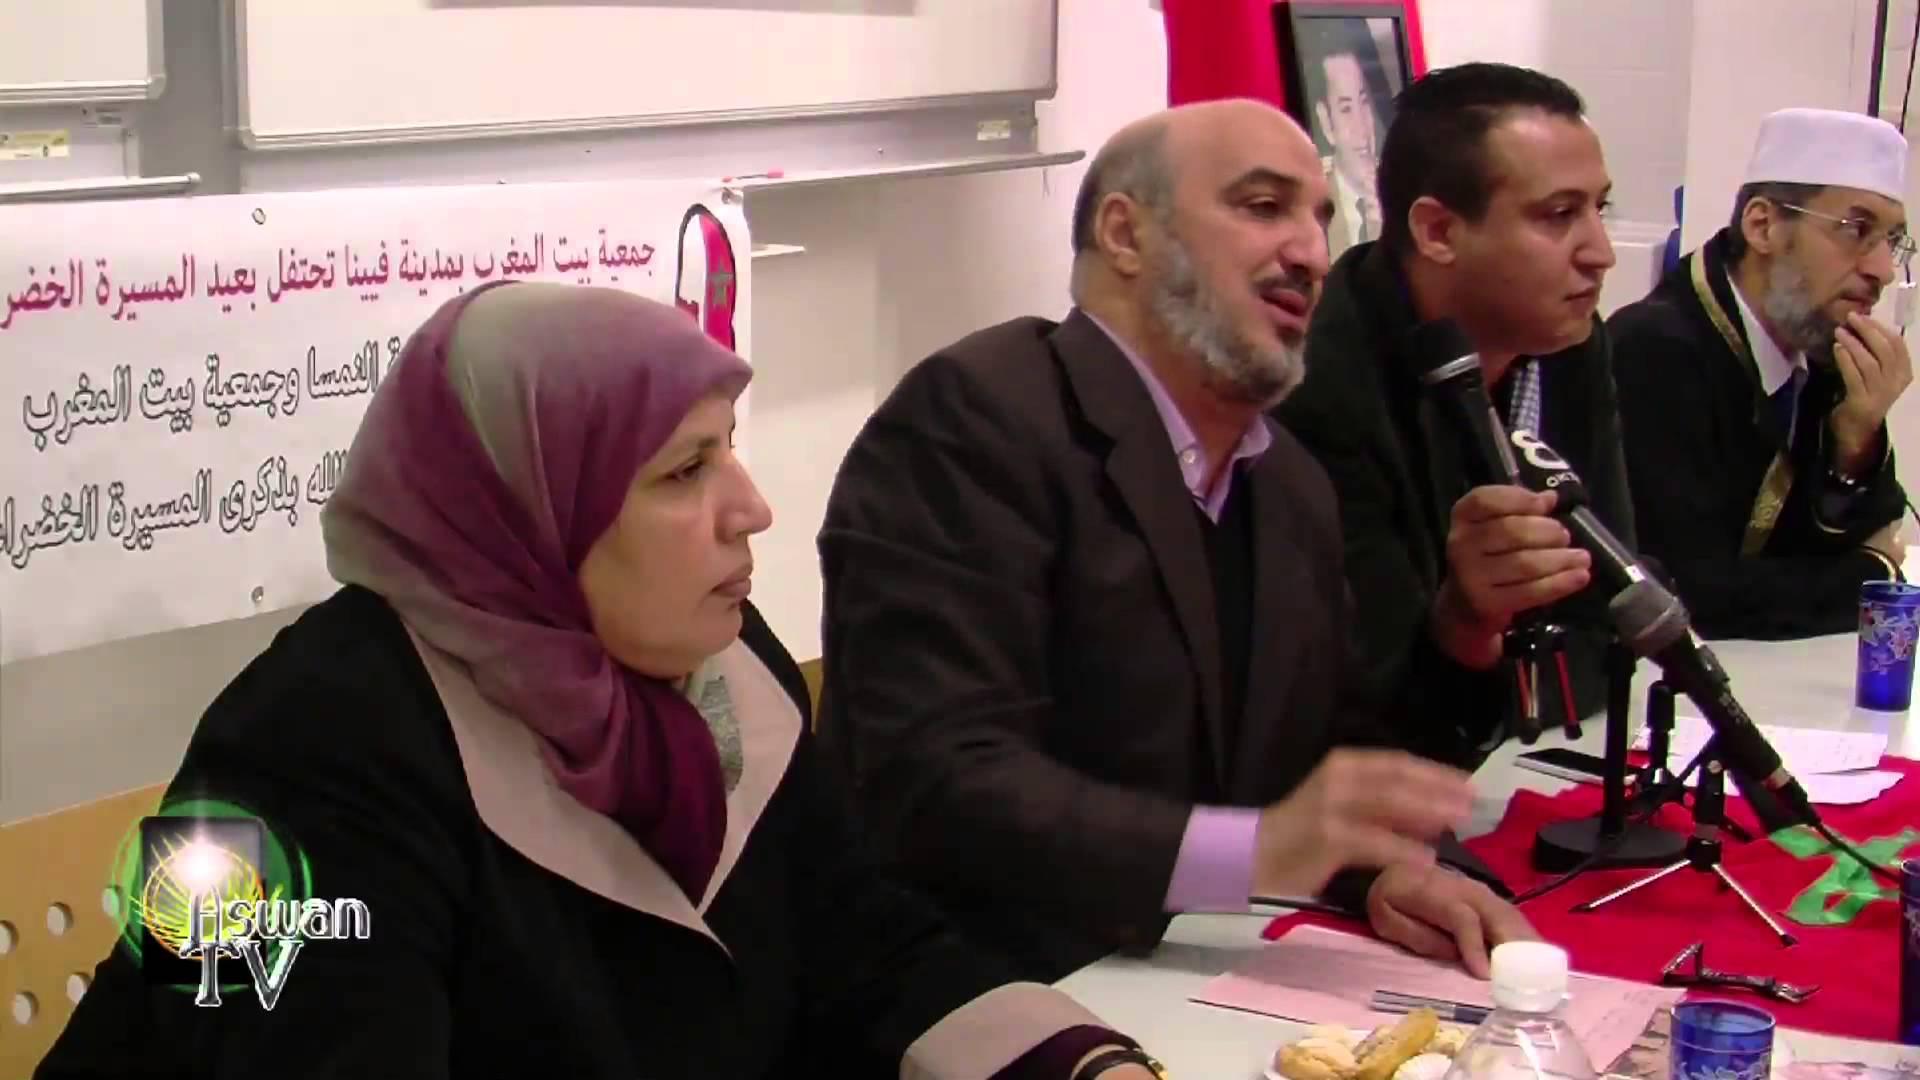 أبو زيد المقرئ الإدريسي يحاضر في النمسا حول مسيرة المغرب الخضراء